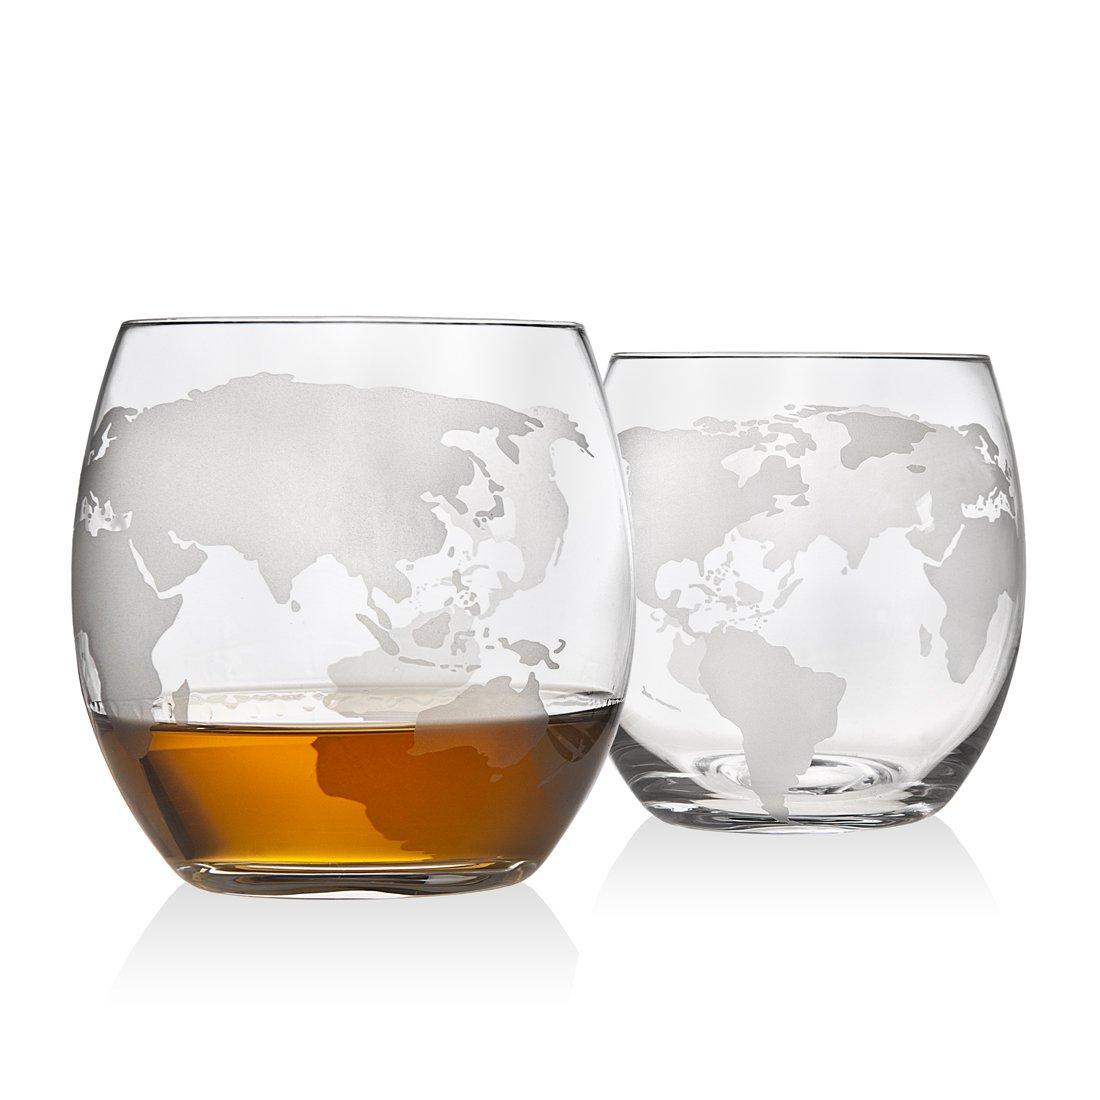 Godinger Fashioned Whiskey Glasses Etched